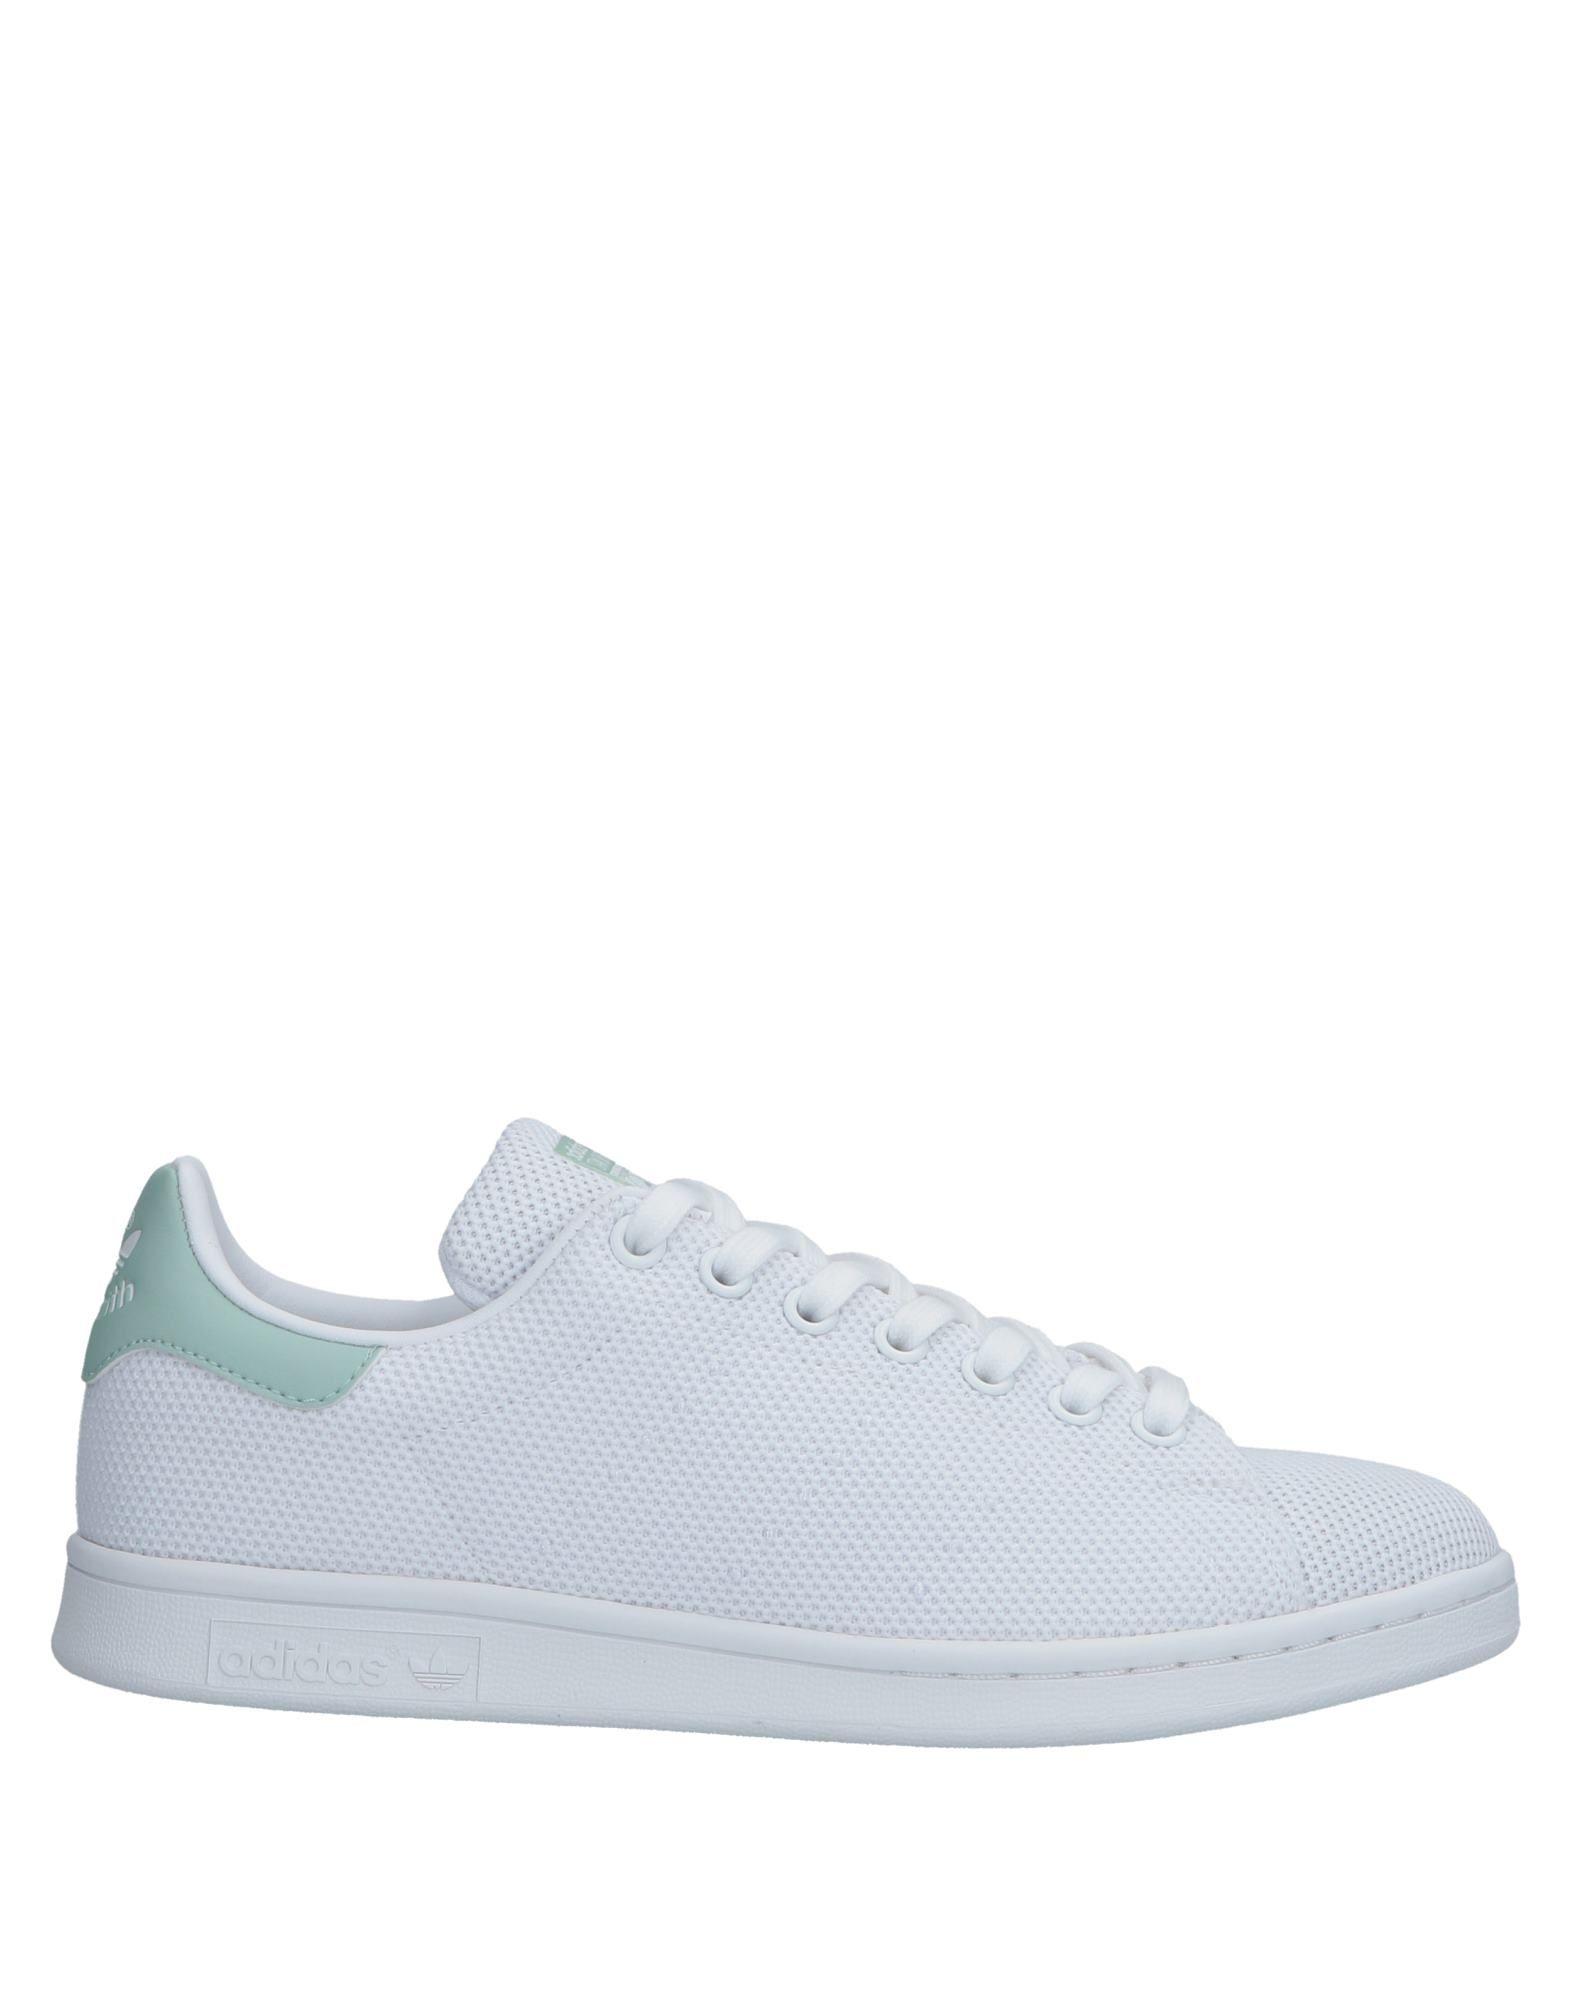 Adidas Originals Sneakers - Women Adidas Originals Sneakers Kingdom online on  United Kingdom Sneakers - 11561738HJ c392a7